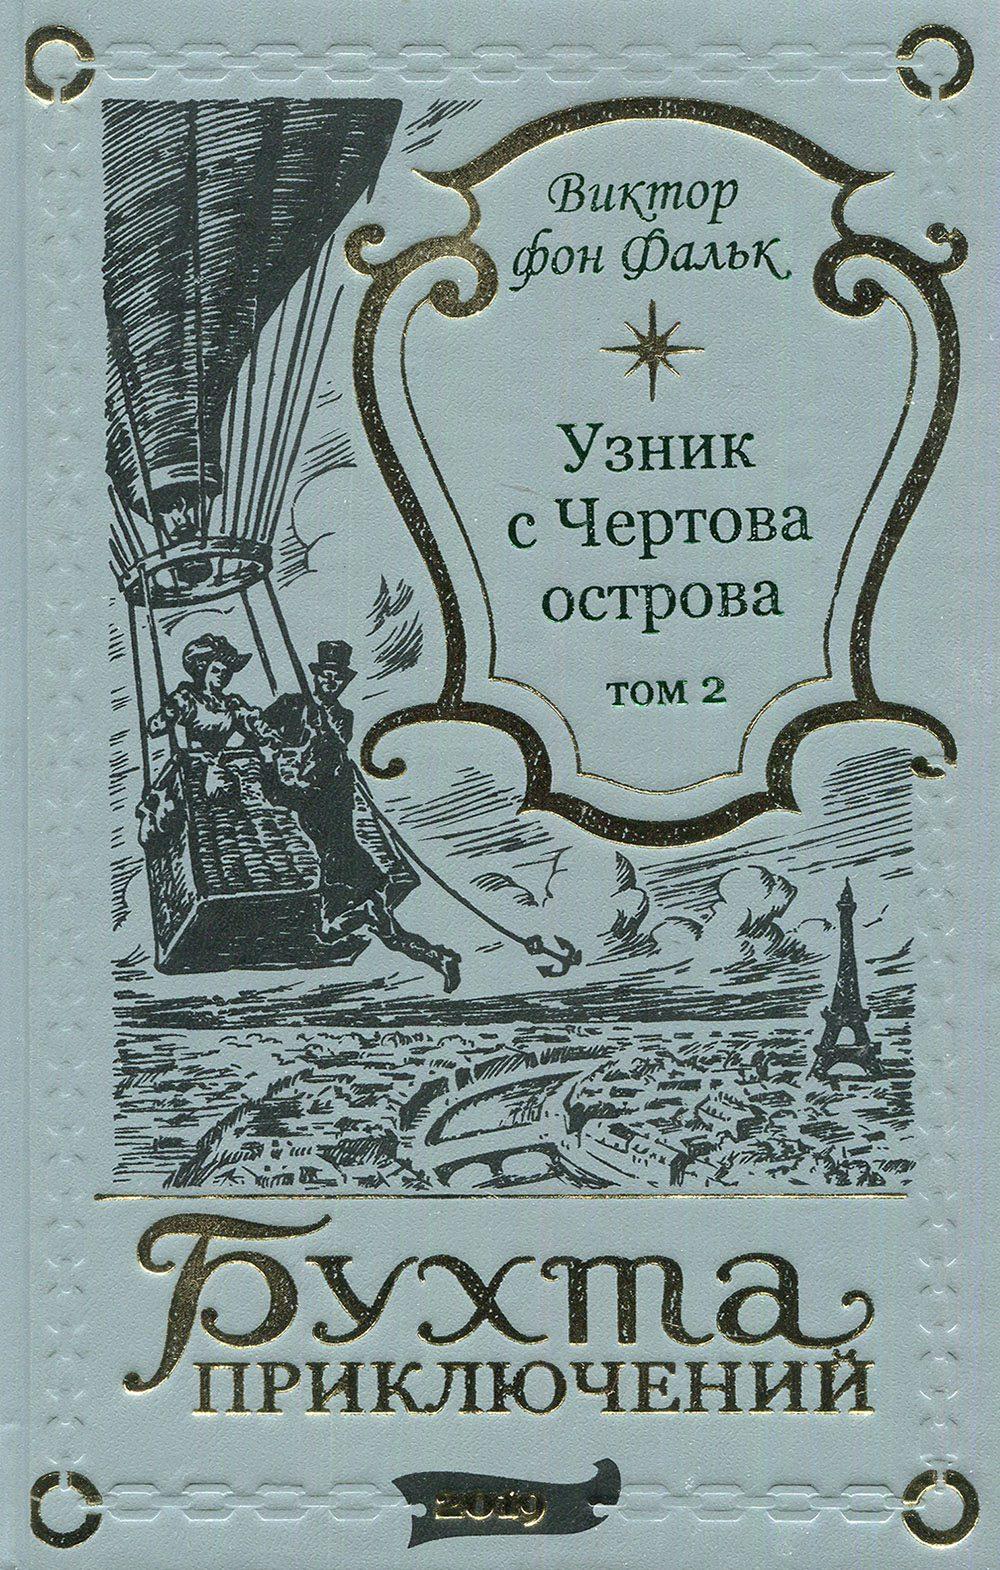 Виктор фон Фальк «ДРЕЙФУС - УЗНИК С ЧЕРТОВА ОСТРОВА т. 2»-0